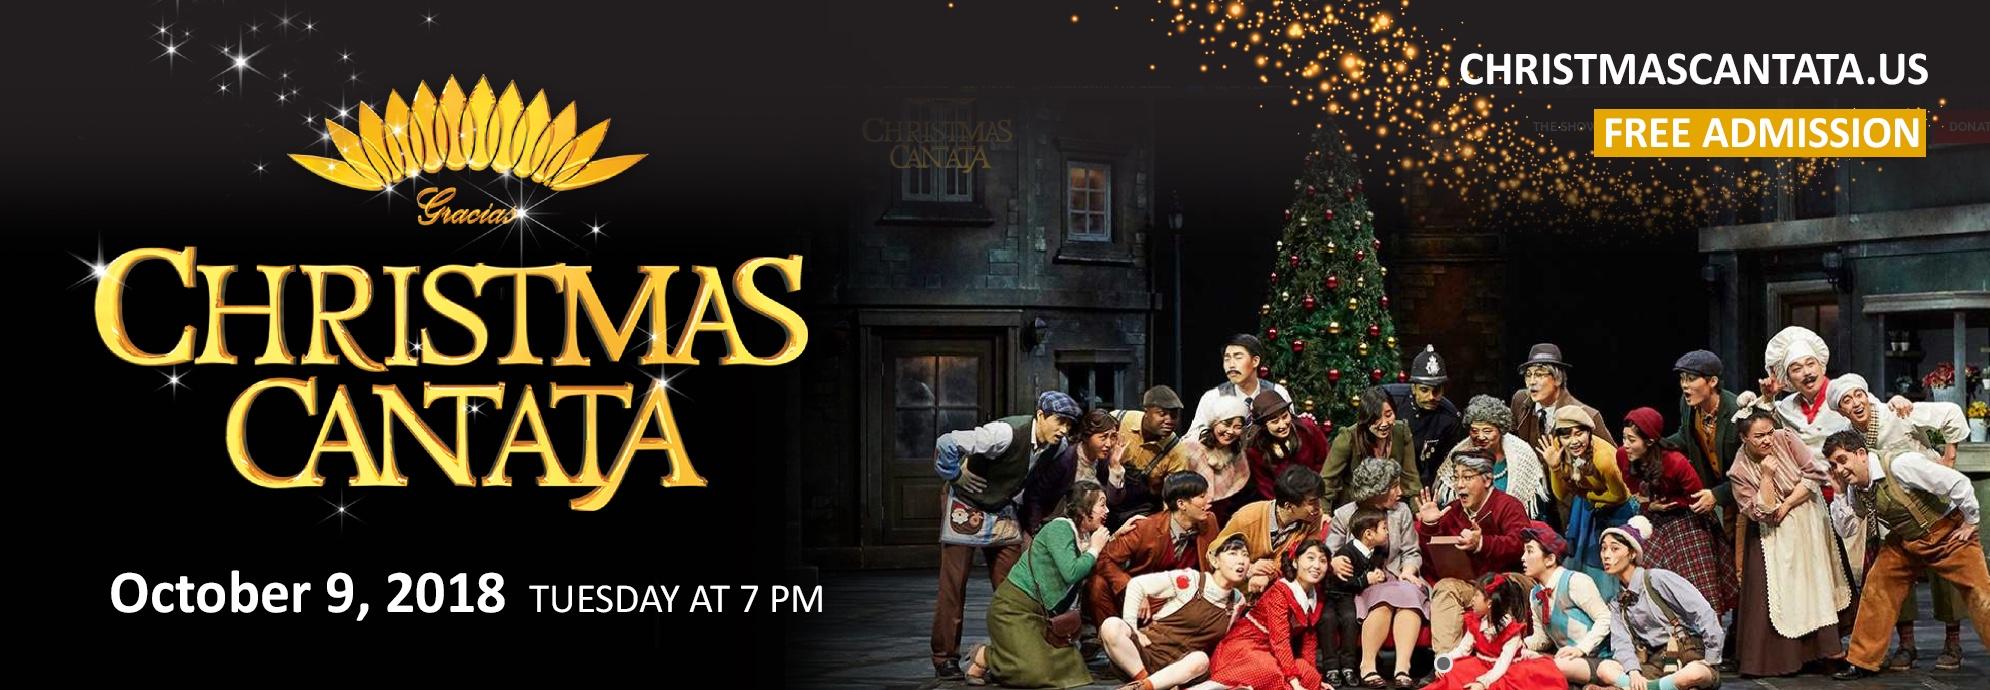 Christmas Cantata.Maverik Center Details